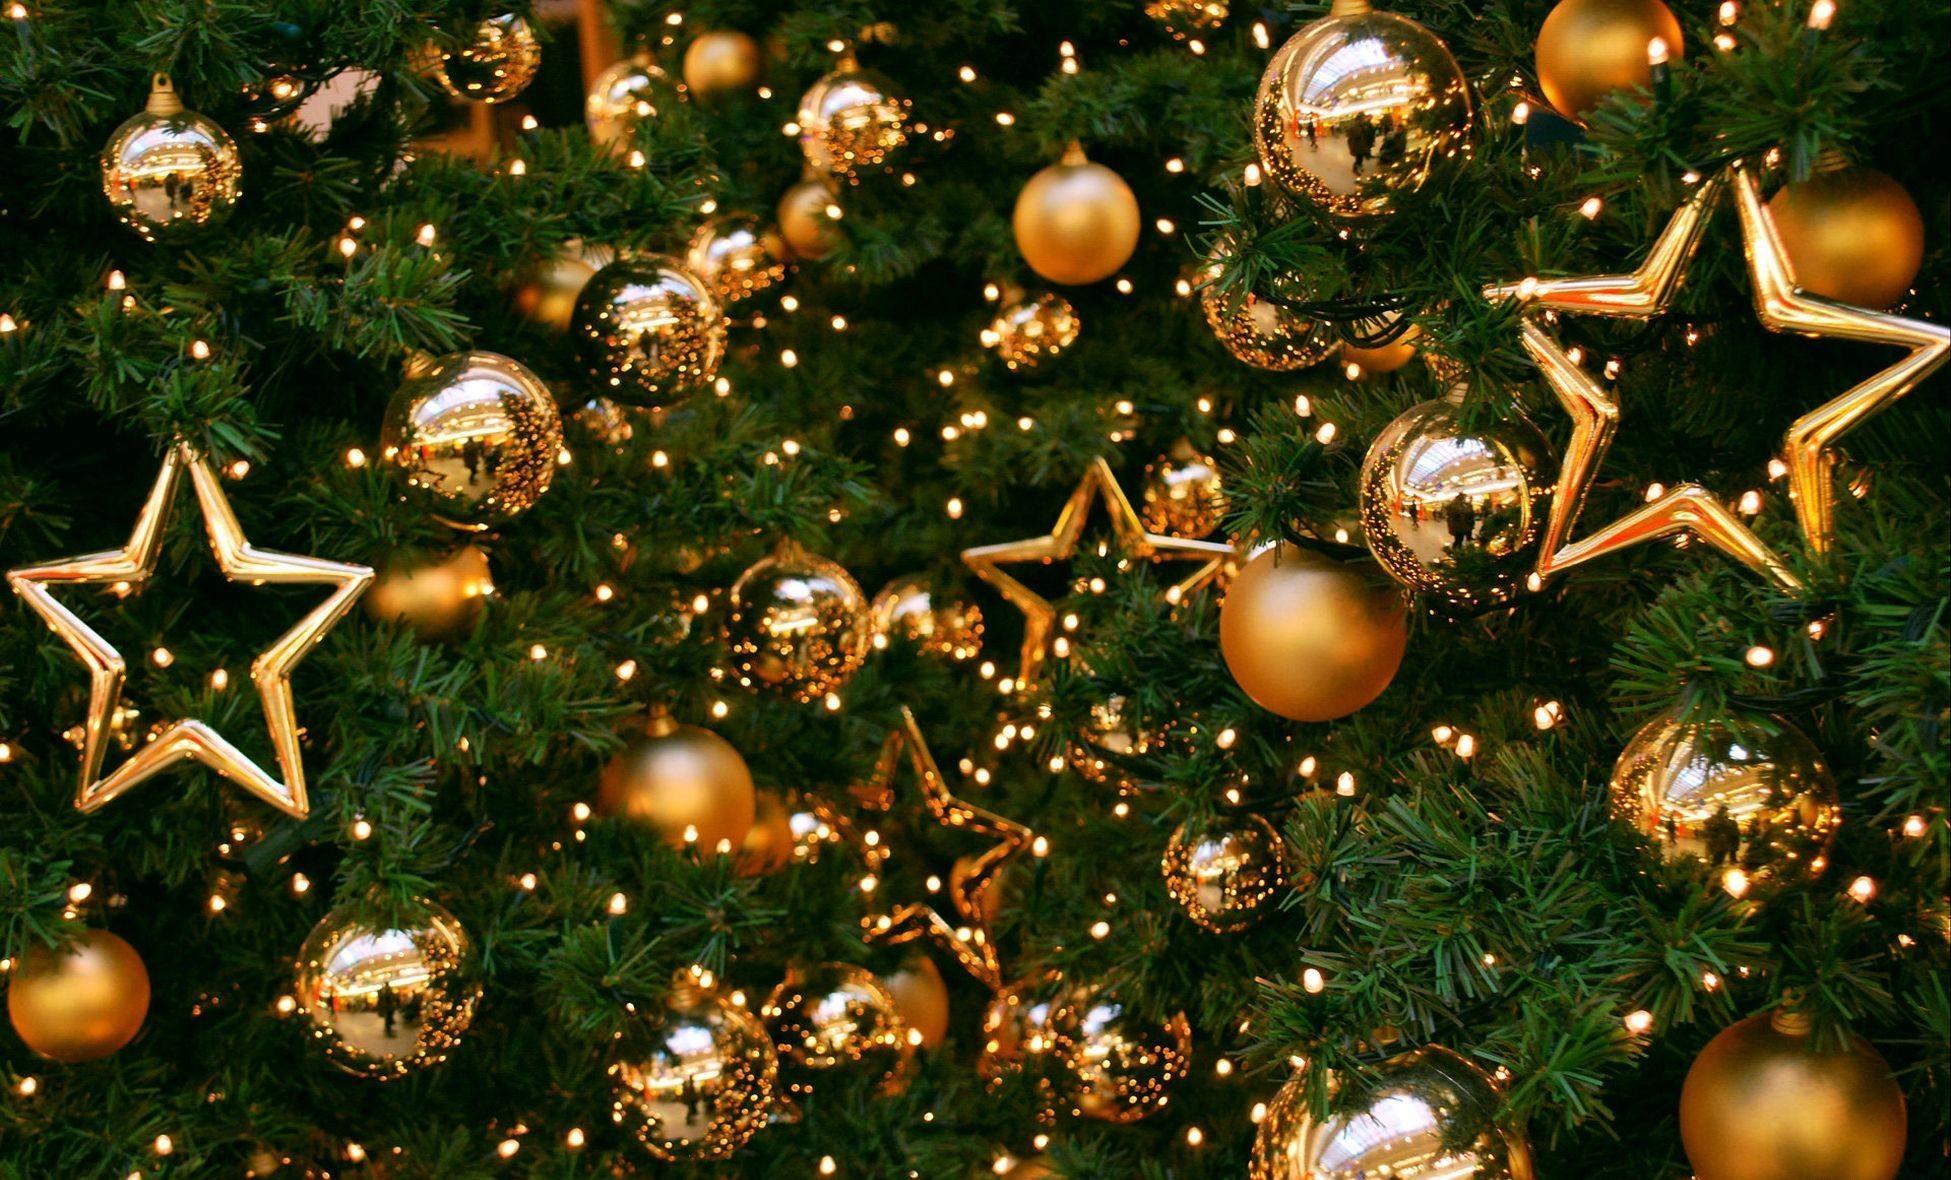 155795 Salvapantallas y fondos de pantalla Año Nuevo en tu teléfono. Descarga imágenes de Vacaciones, Árbol De Navidad, Decoraciones, Pelotas, Bolas, Oro, Año Nuevo, Navidad, Día Festivo, Estrellas gratis